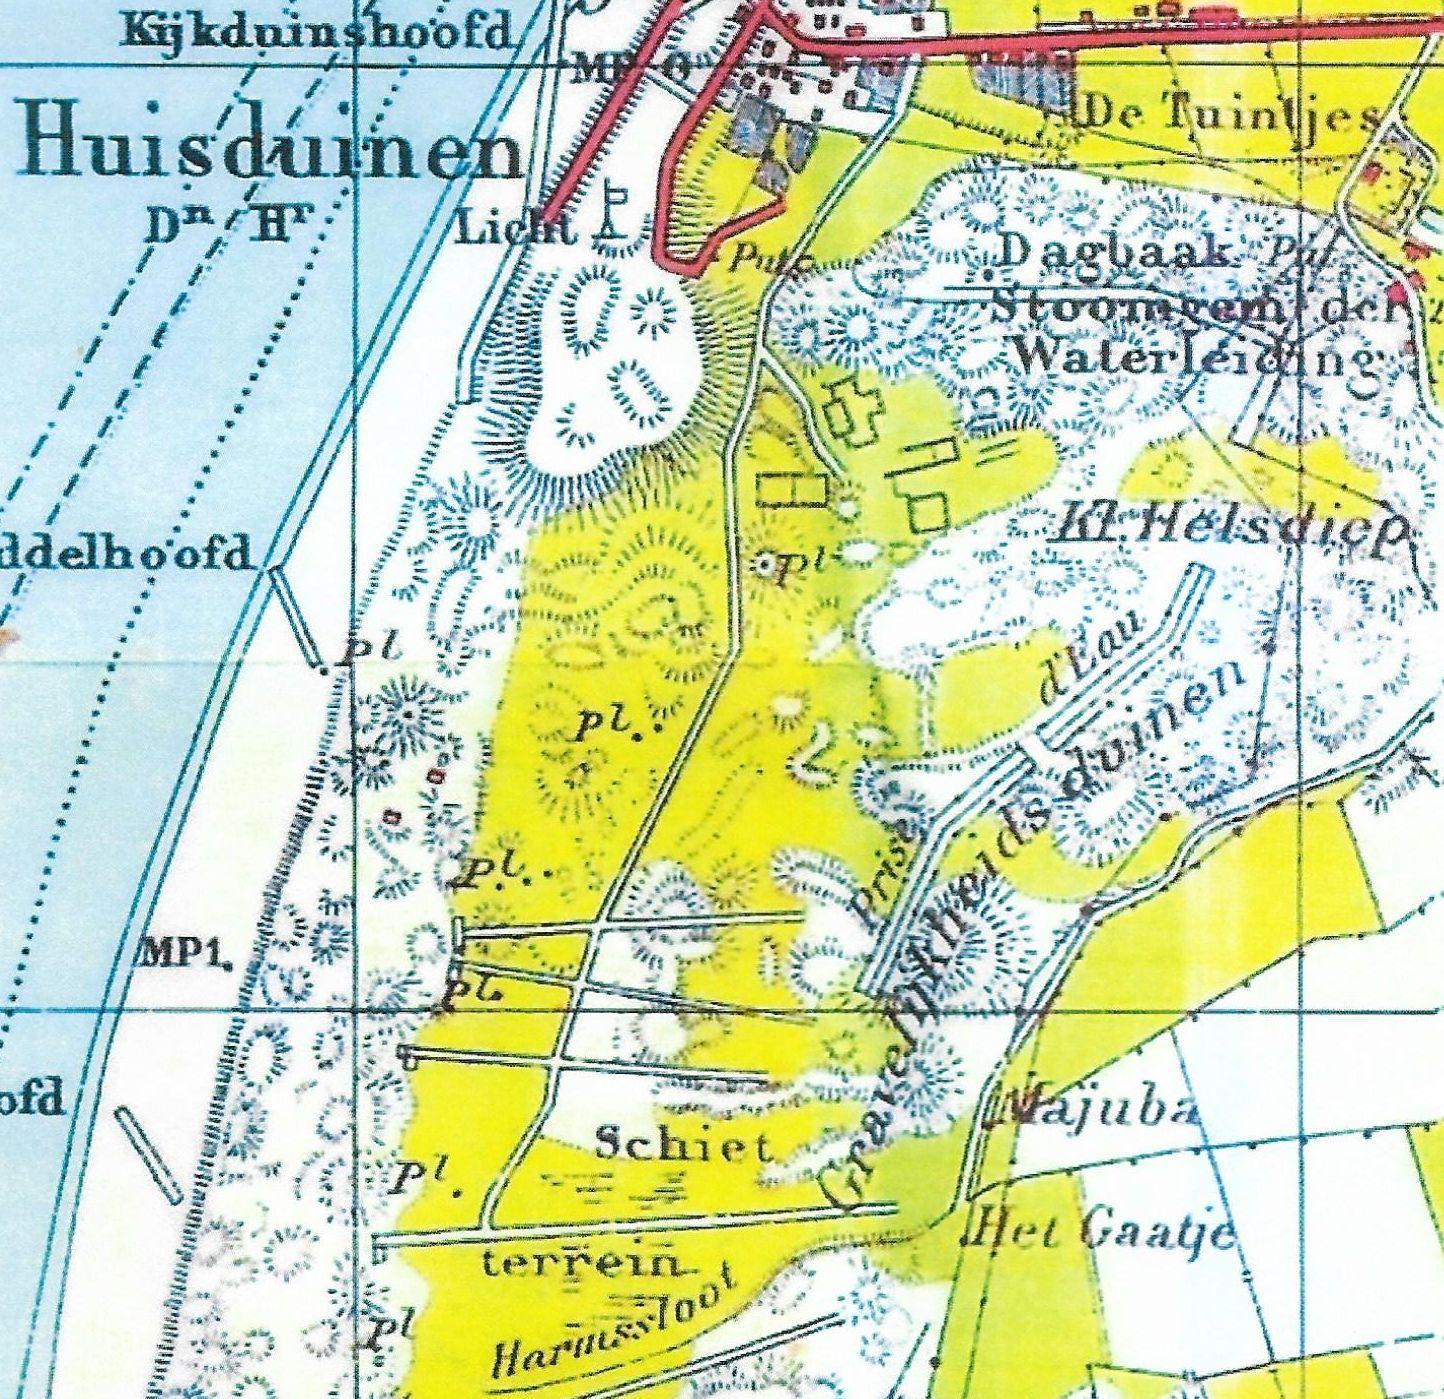 Hoe Oogduinen de Donkere Duinen werden; even terug naar de tijd toen Huisduinen nog een eiland was